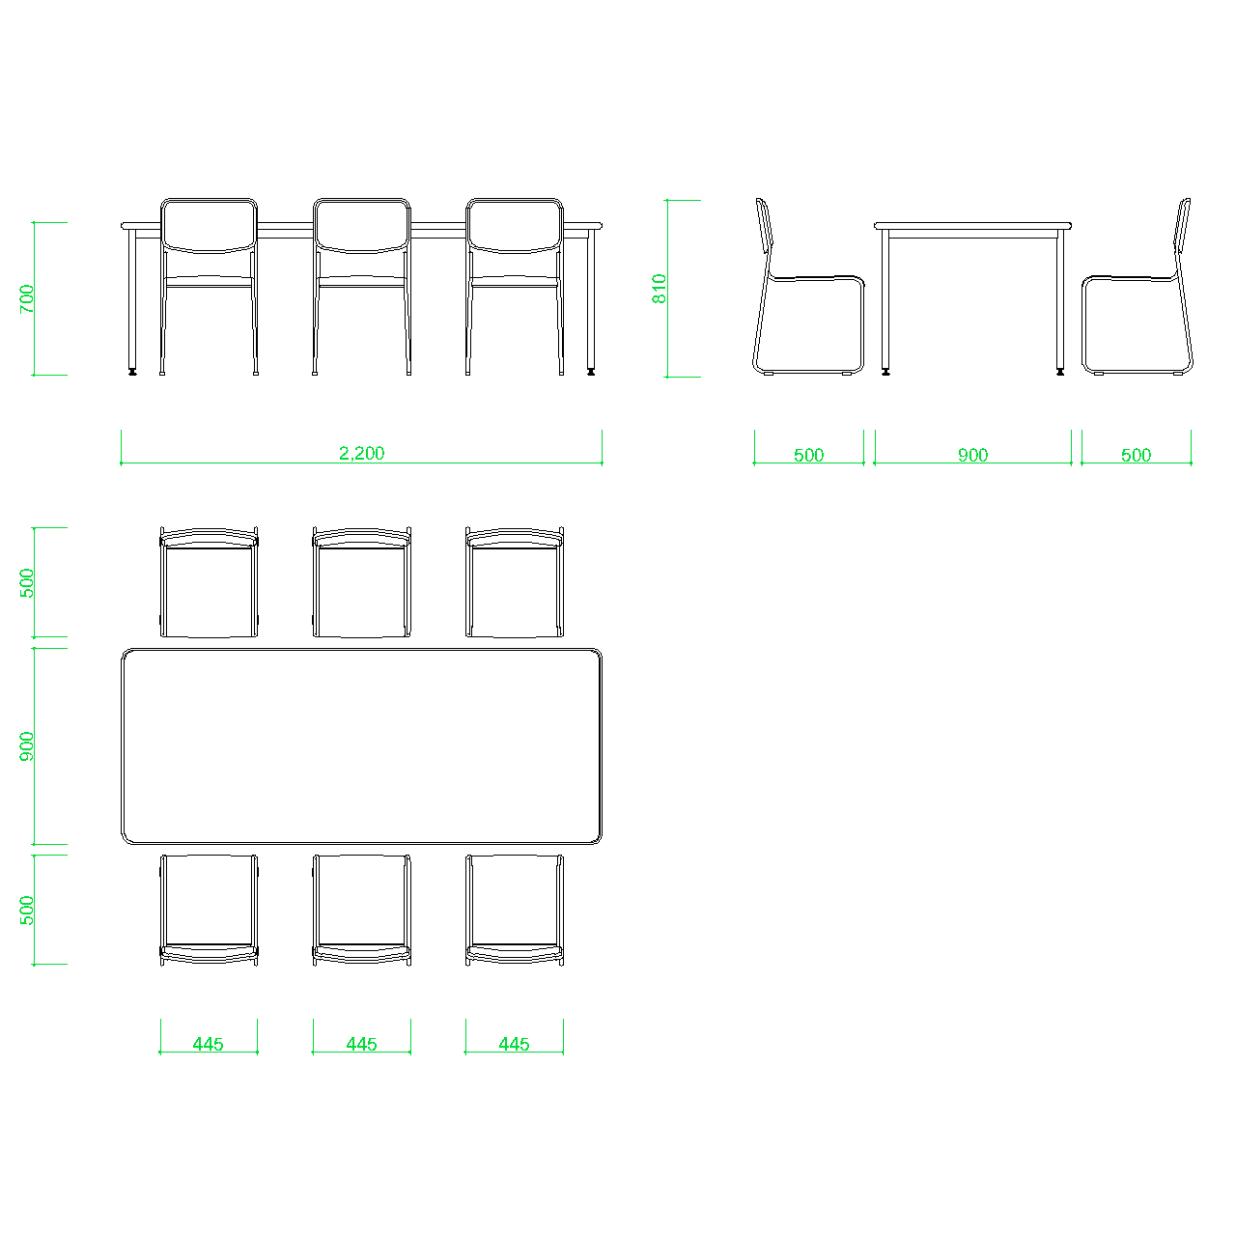 打合せテーブルとパイプ椅子6脚の2DCAD部品,無料,商用可能,フリー素材,フリーデータ,AUTOCAD,DWG,DXF,インテリア,interior,家具,furniture,机,会議テーブル,ミーティングテーブル,meeting table,いす,イス,スチールパイプ椅子,chair,事務,オフィス家具,業務用